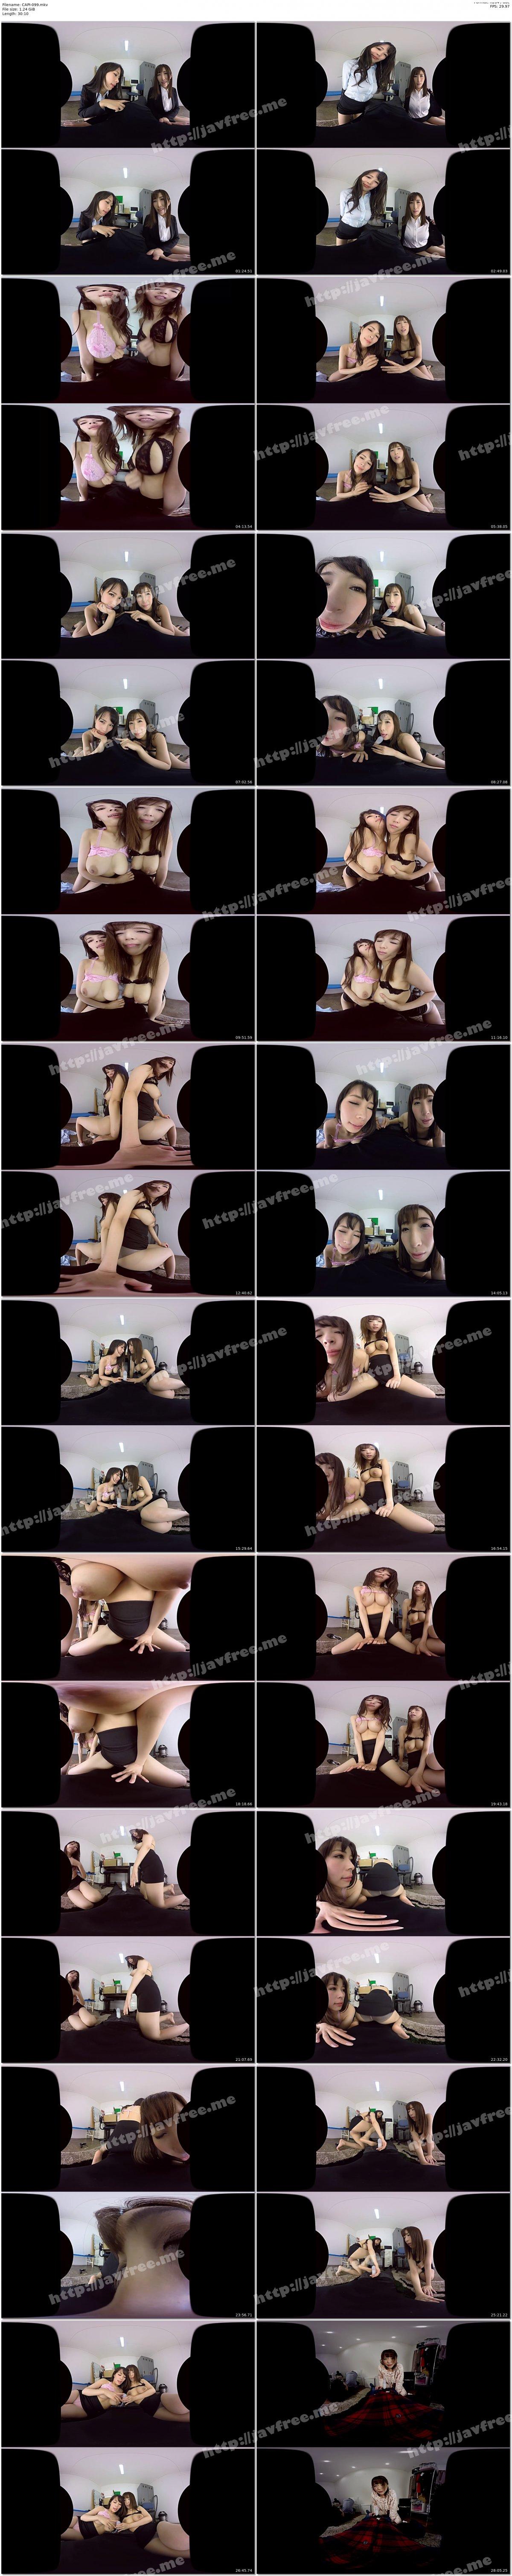 [CAPI-099] 【VR】働く女達の性事情~爆乳OLコンビのSEXキャンペーン~